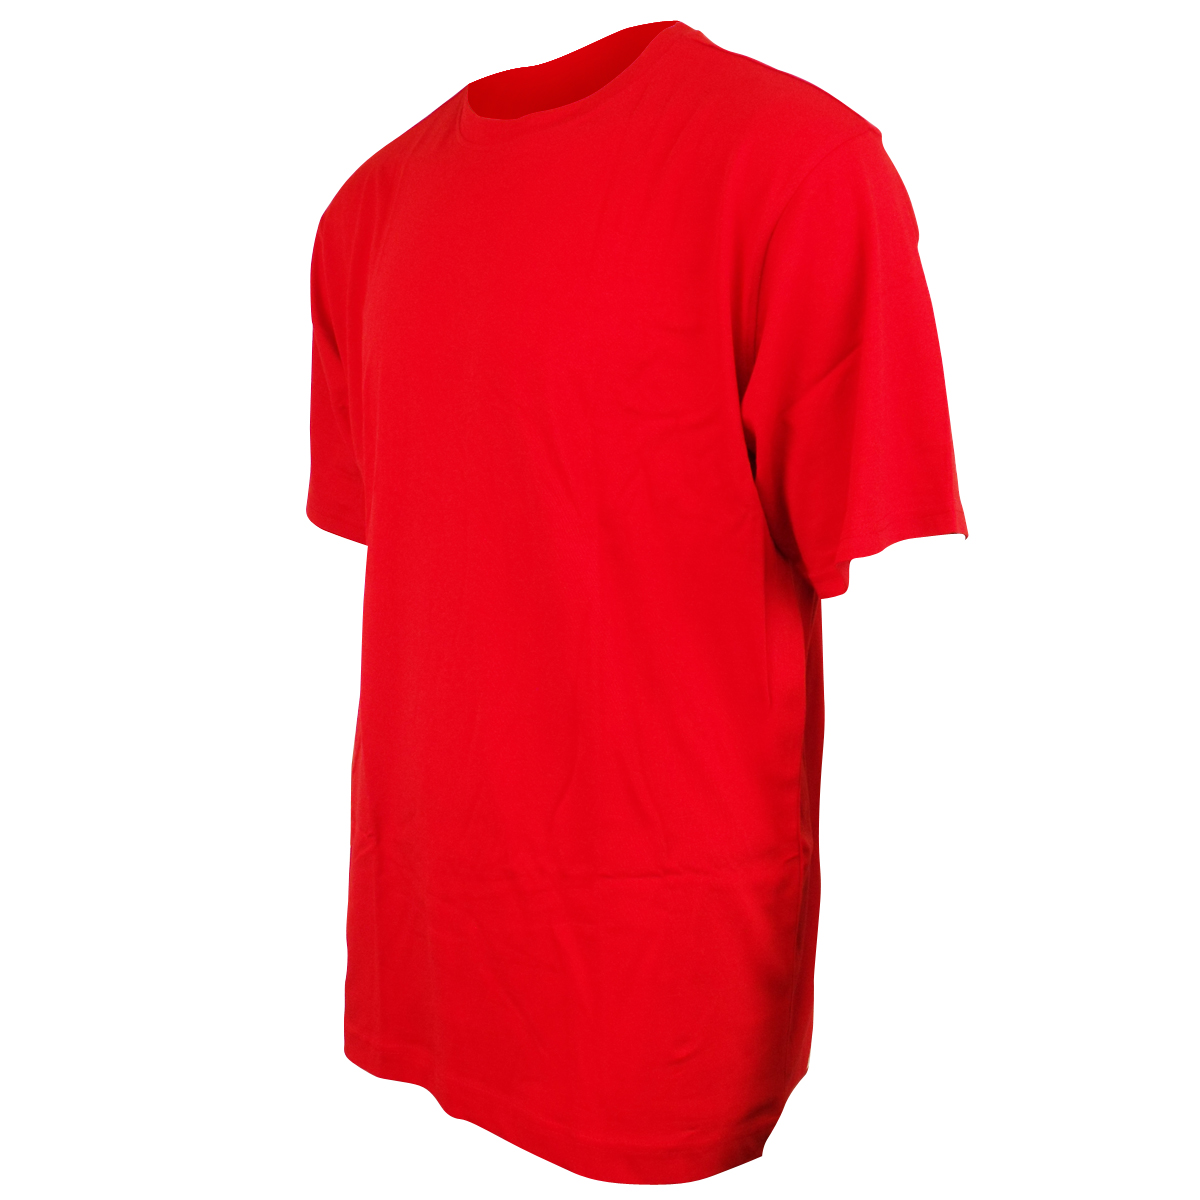 Mens Nike Retro Red Cotton Tee T Shirt Running Training